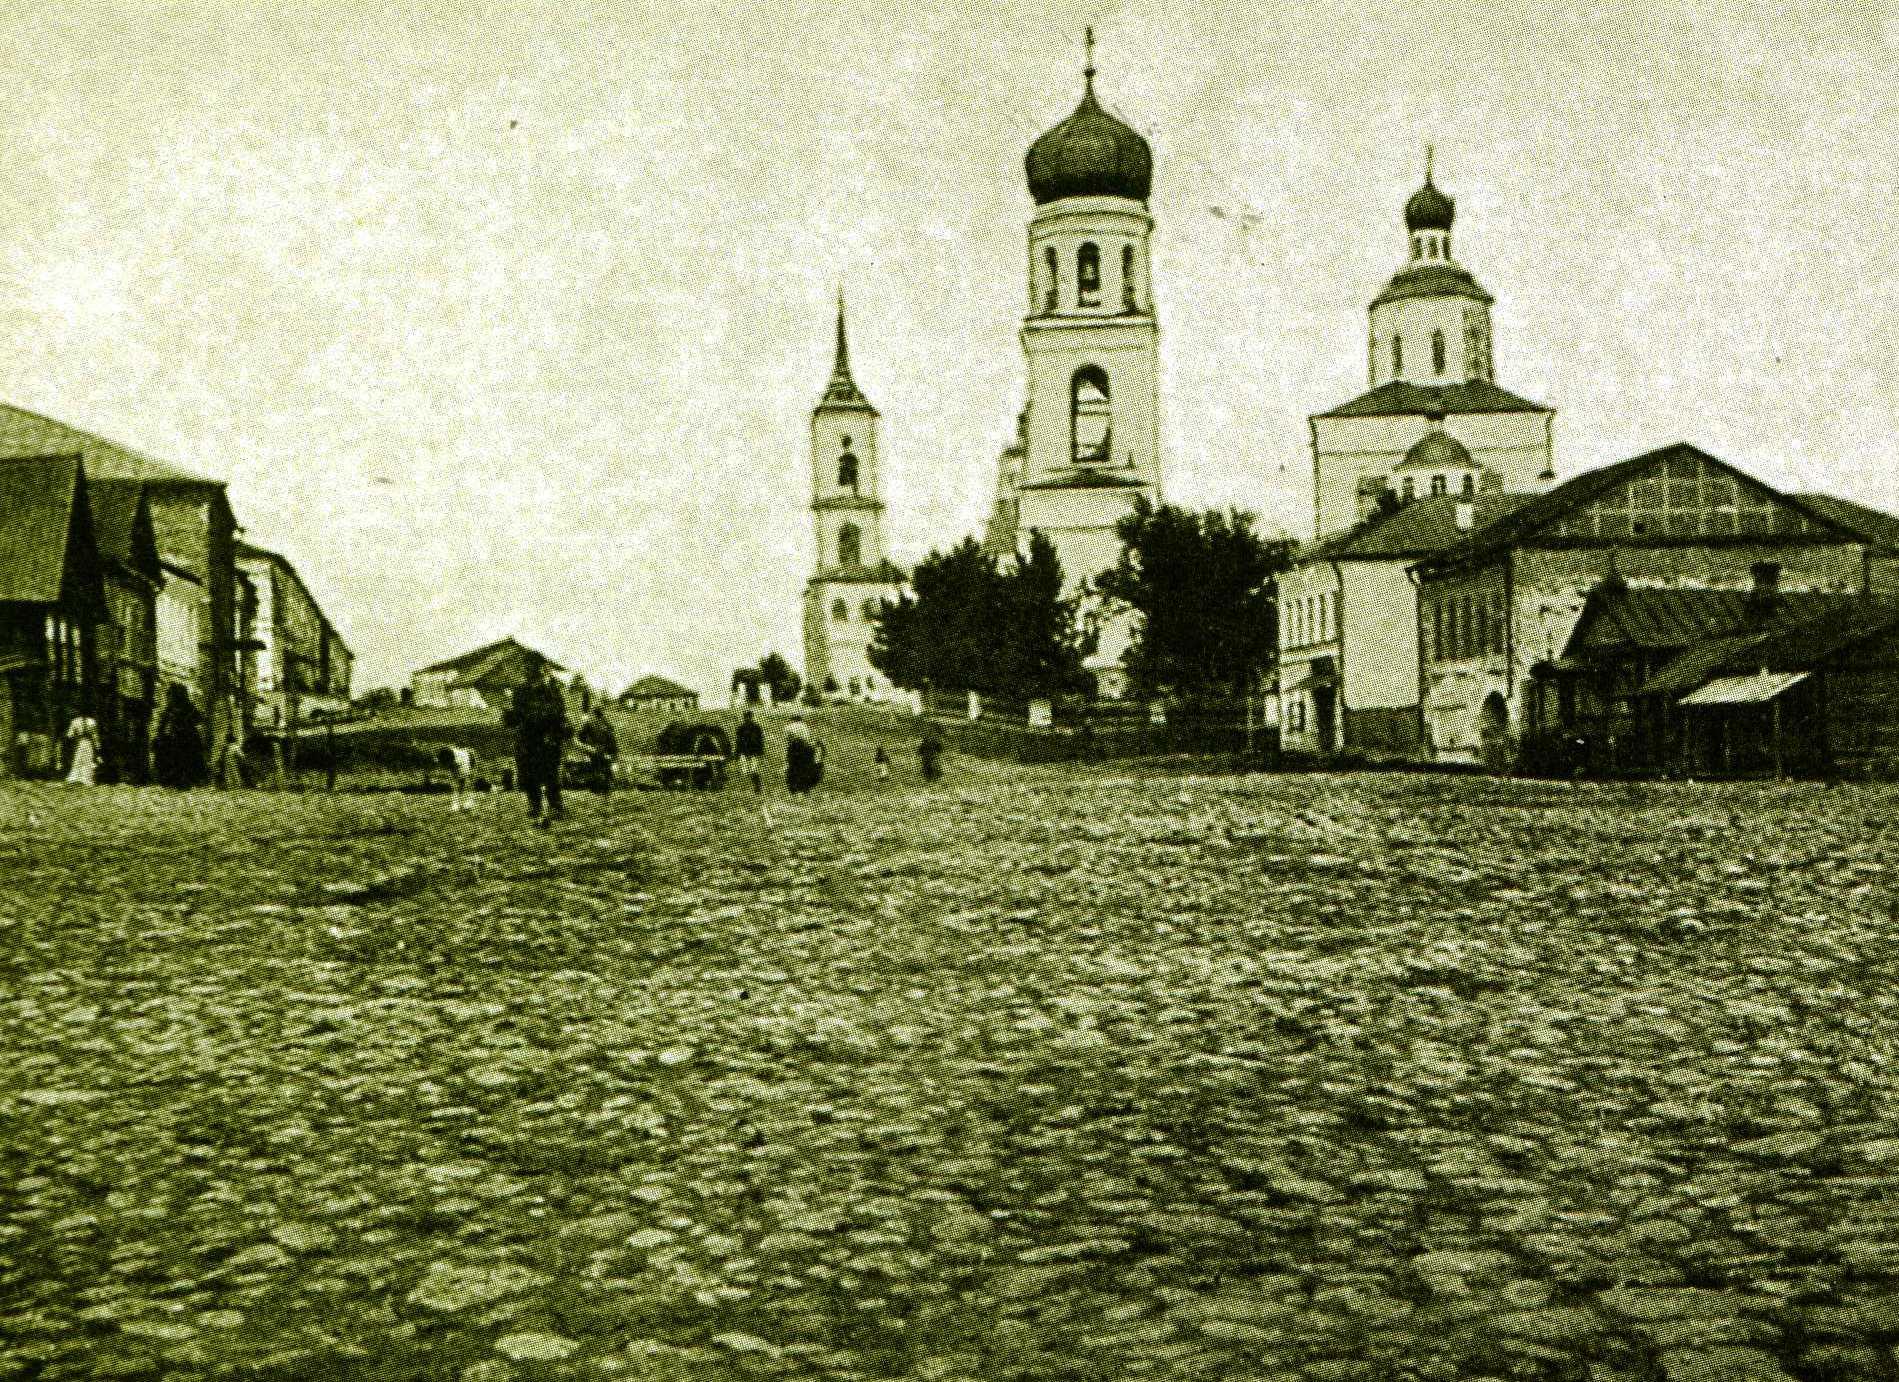 Базарная площадь с Троицким собором 1744 г. и Введенской церковью 1762 г.